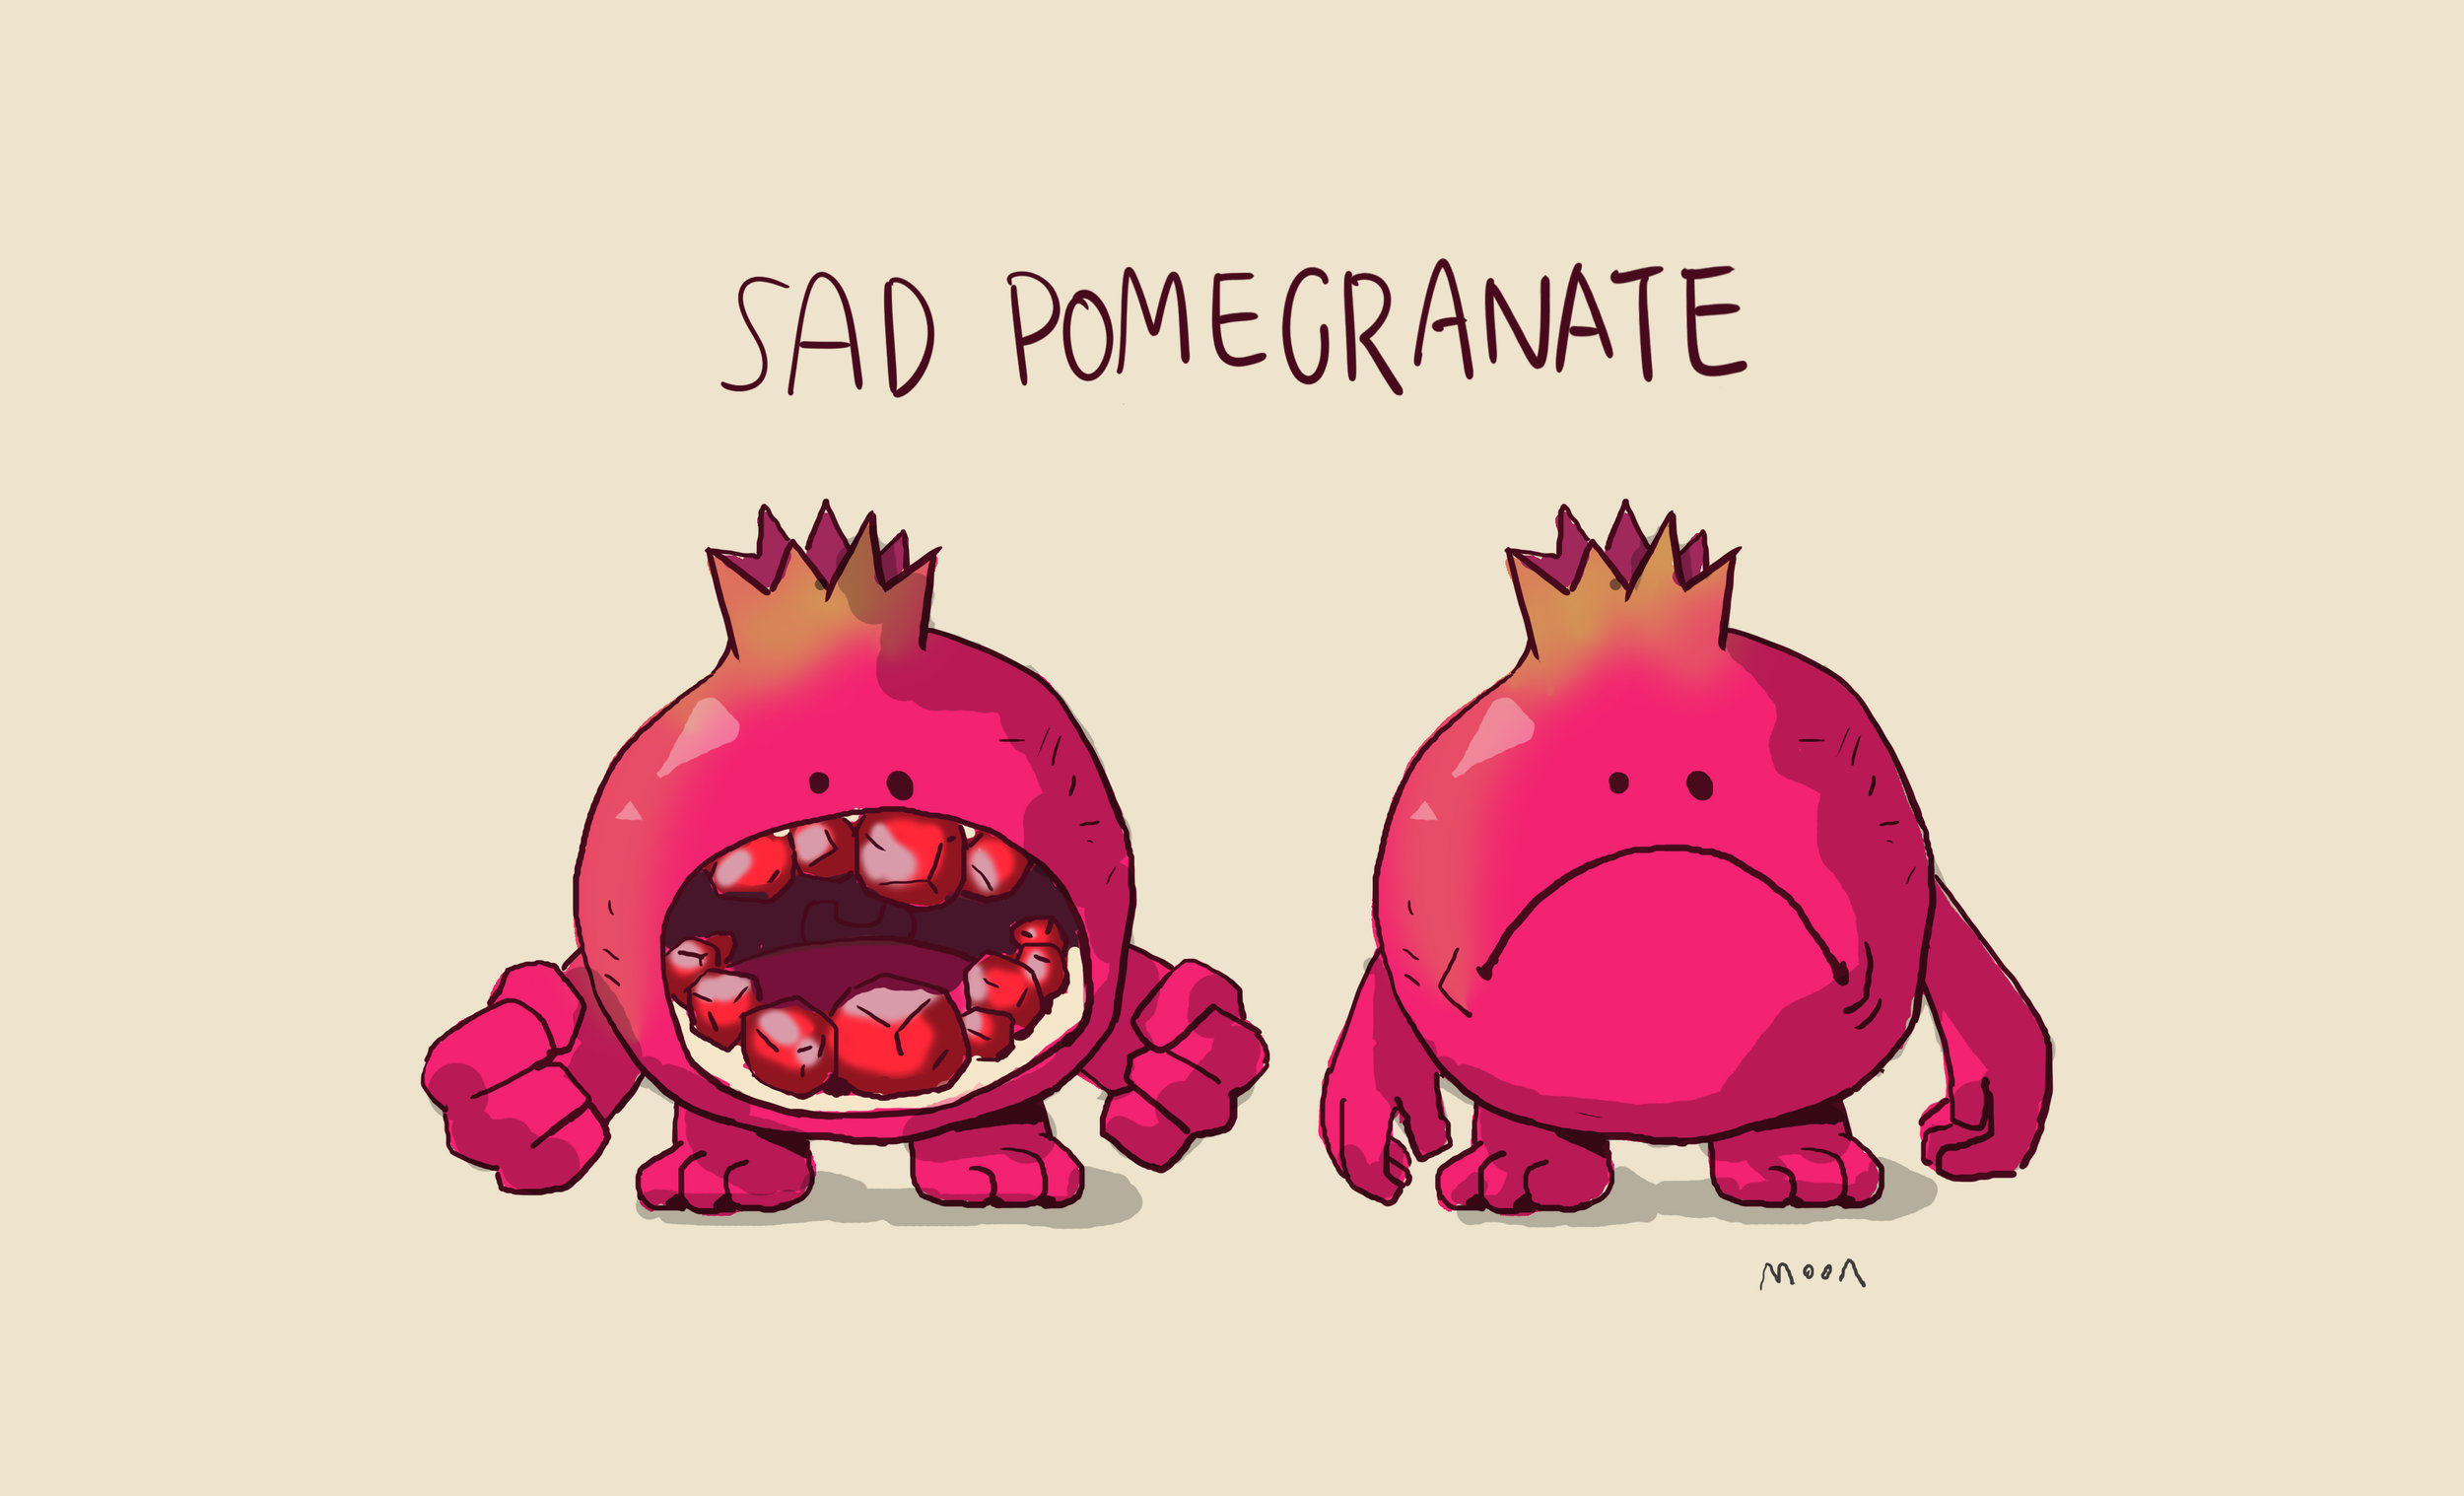 pomegranate副本.jpg